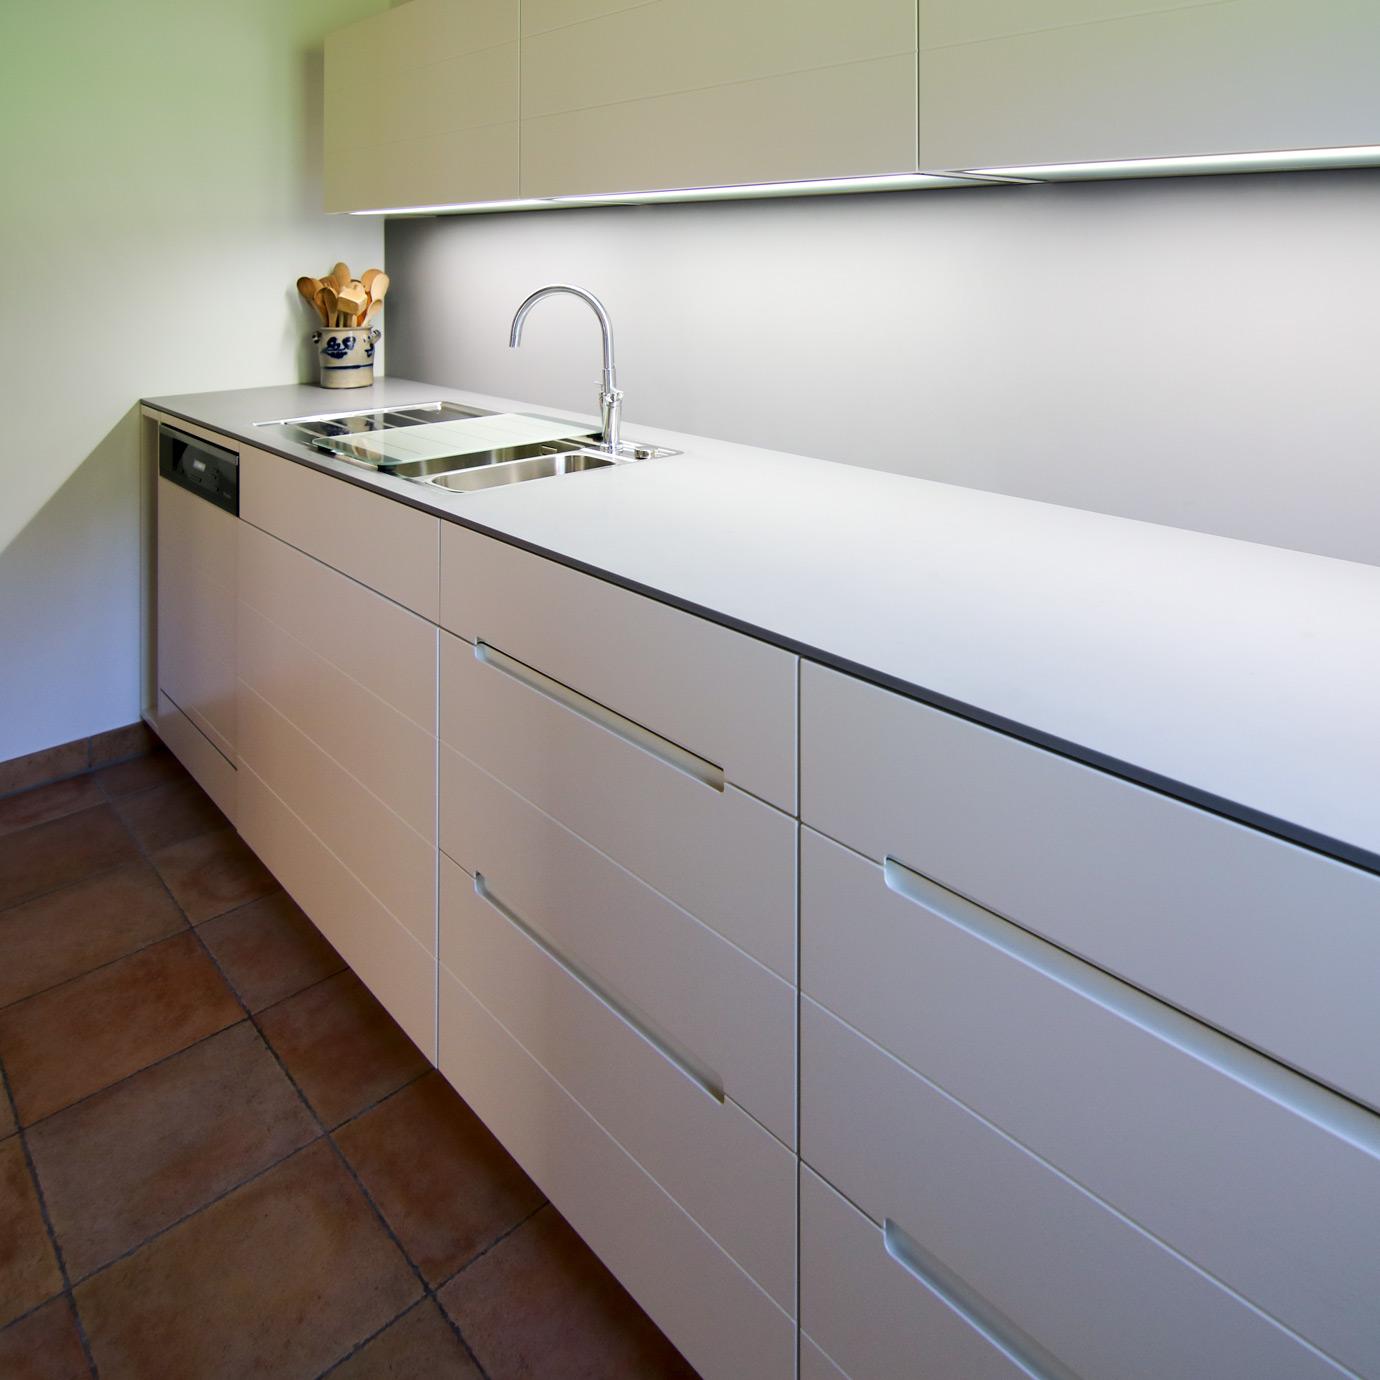 Einbauschranke Kuche Gunstig Kuechenarbeitsplatte Quarzstein Ikea